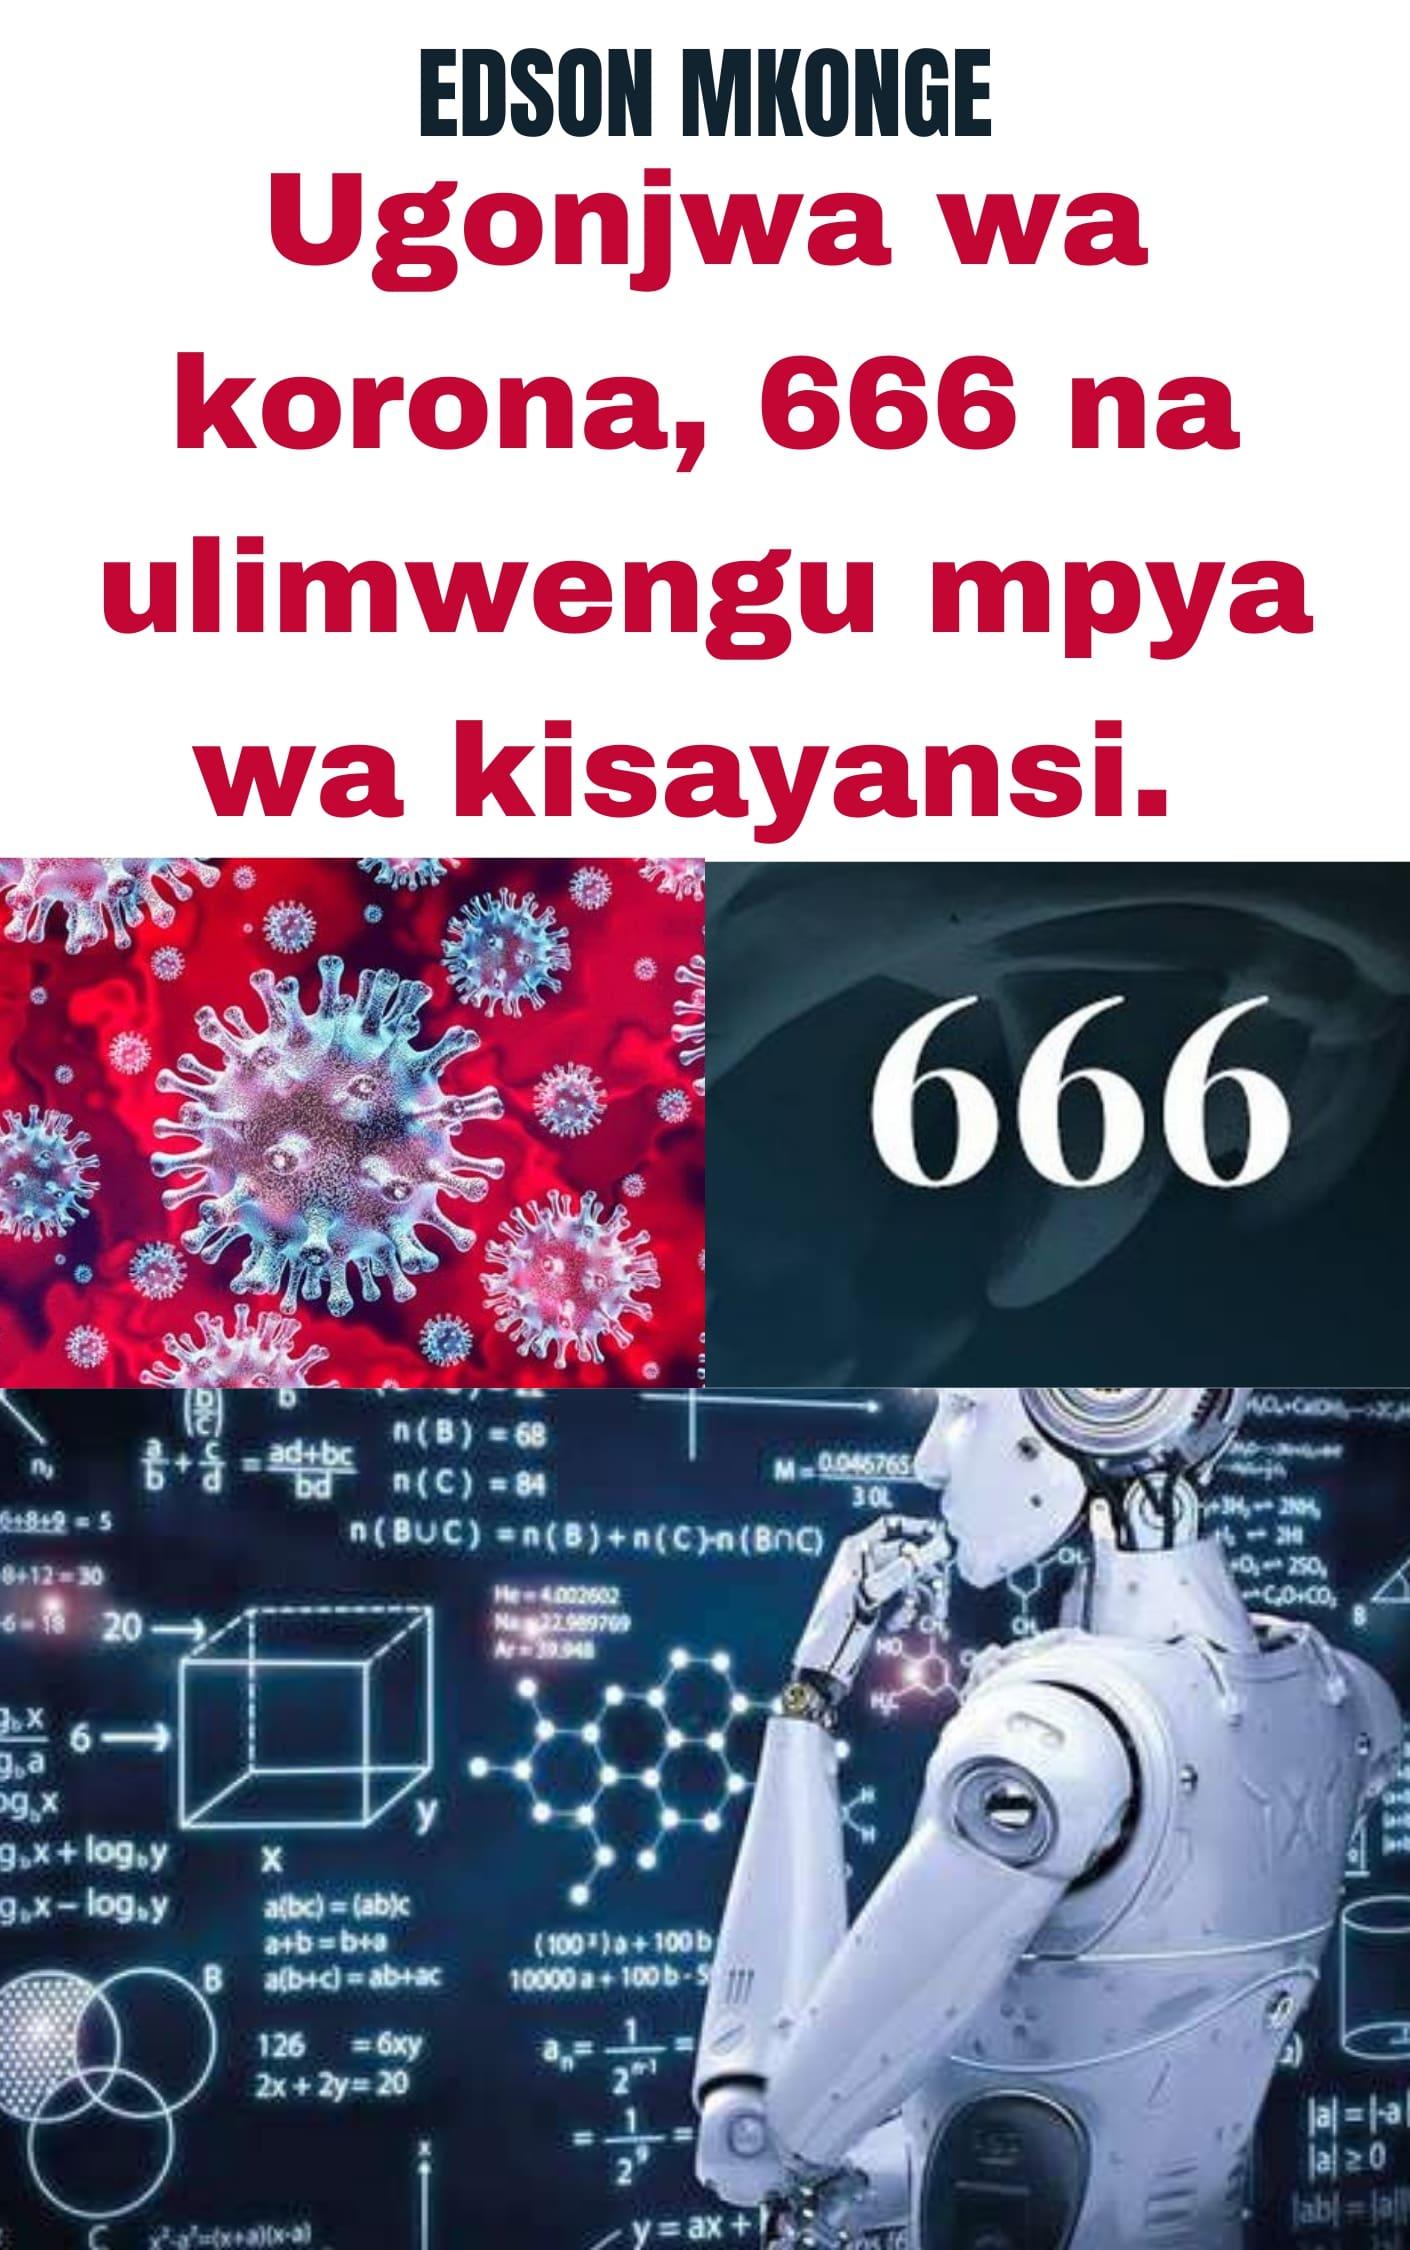 UGONJWA WA KORONA, 666 NA ULIMWENGU MPYA WA KISAYANSI